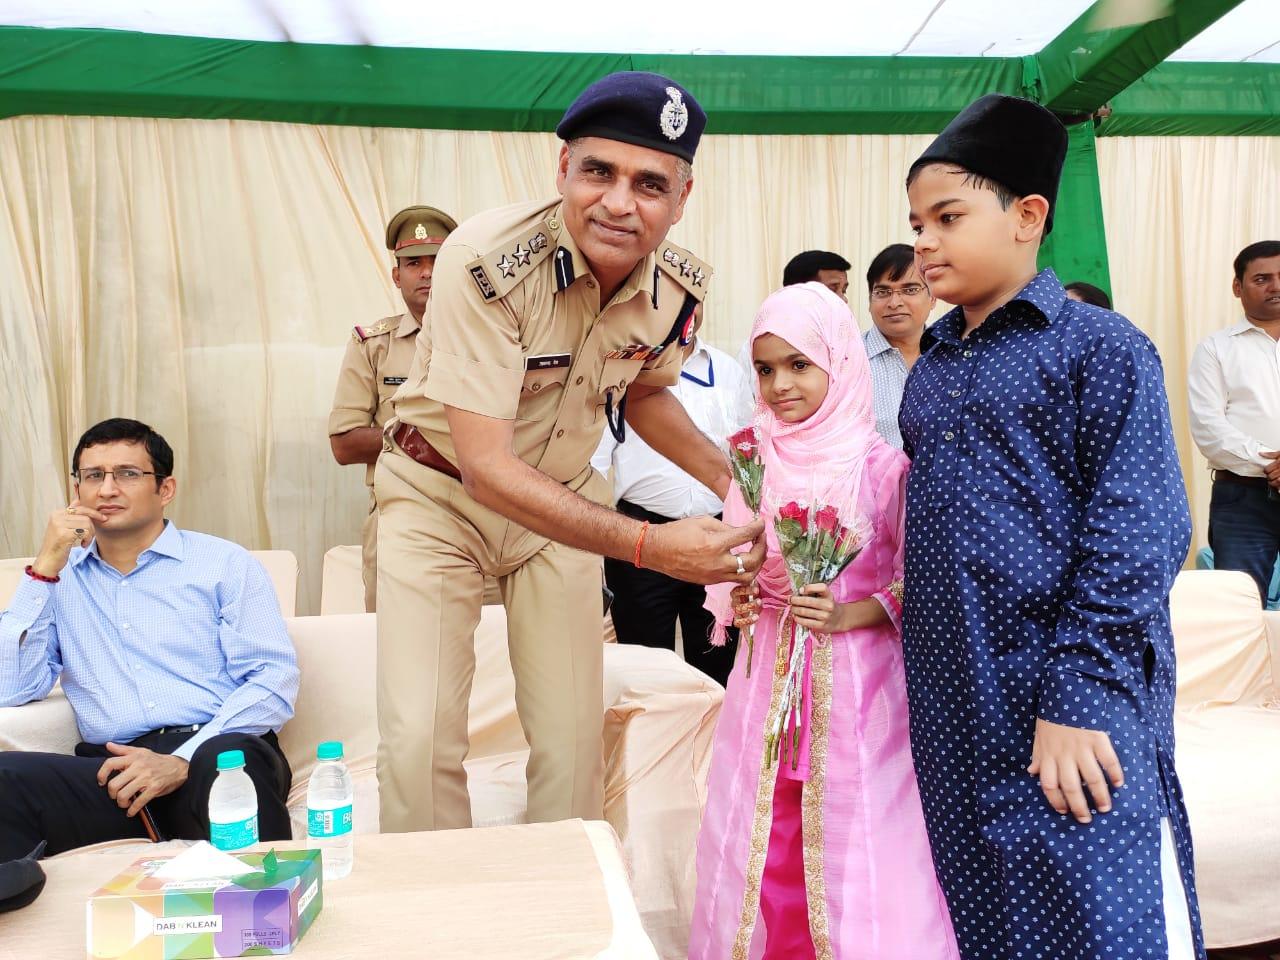 डीएम-एसएसपी ने ईद पर दी लोगों को मुबारकबाद